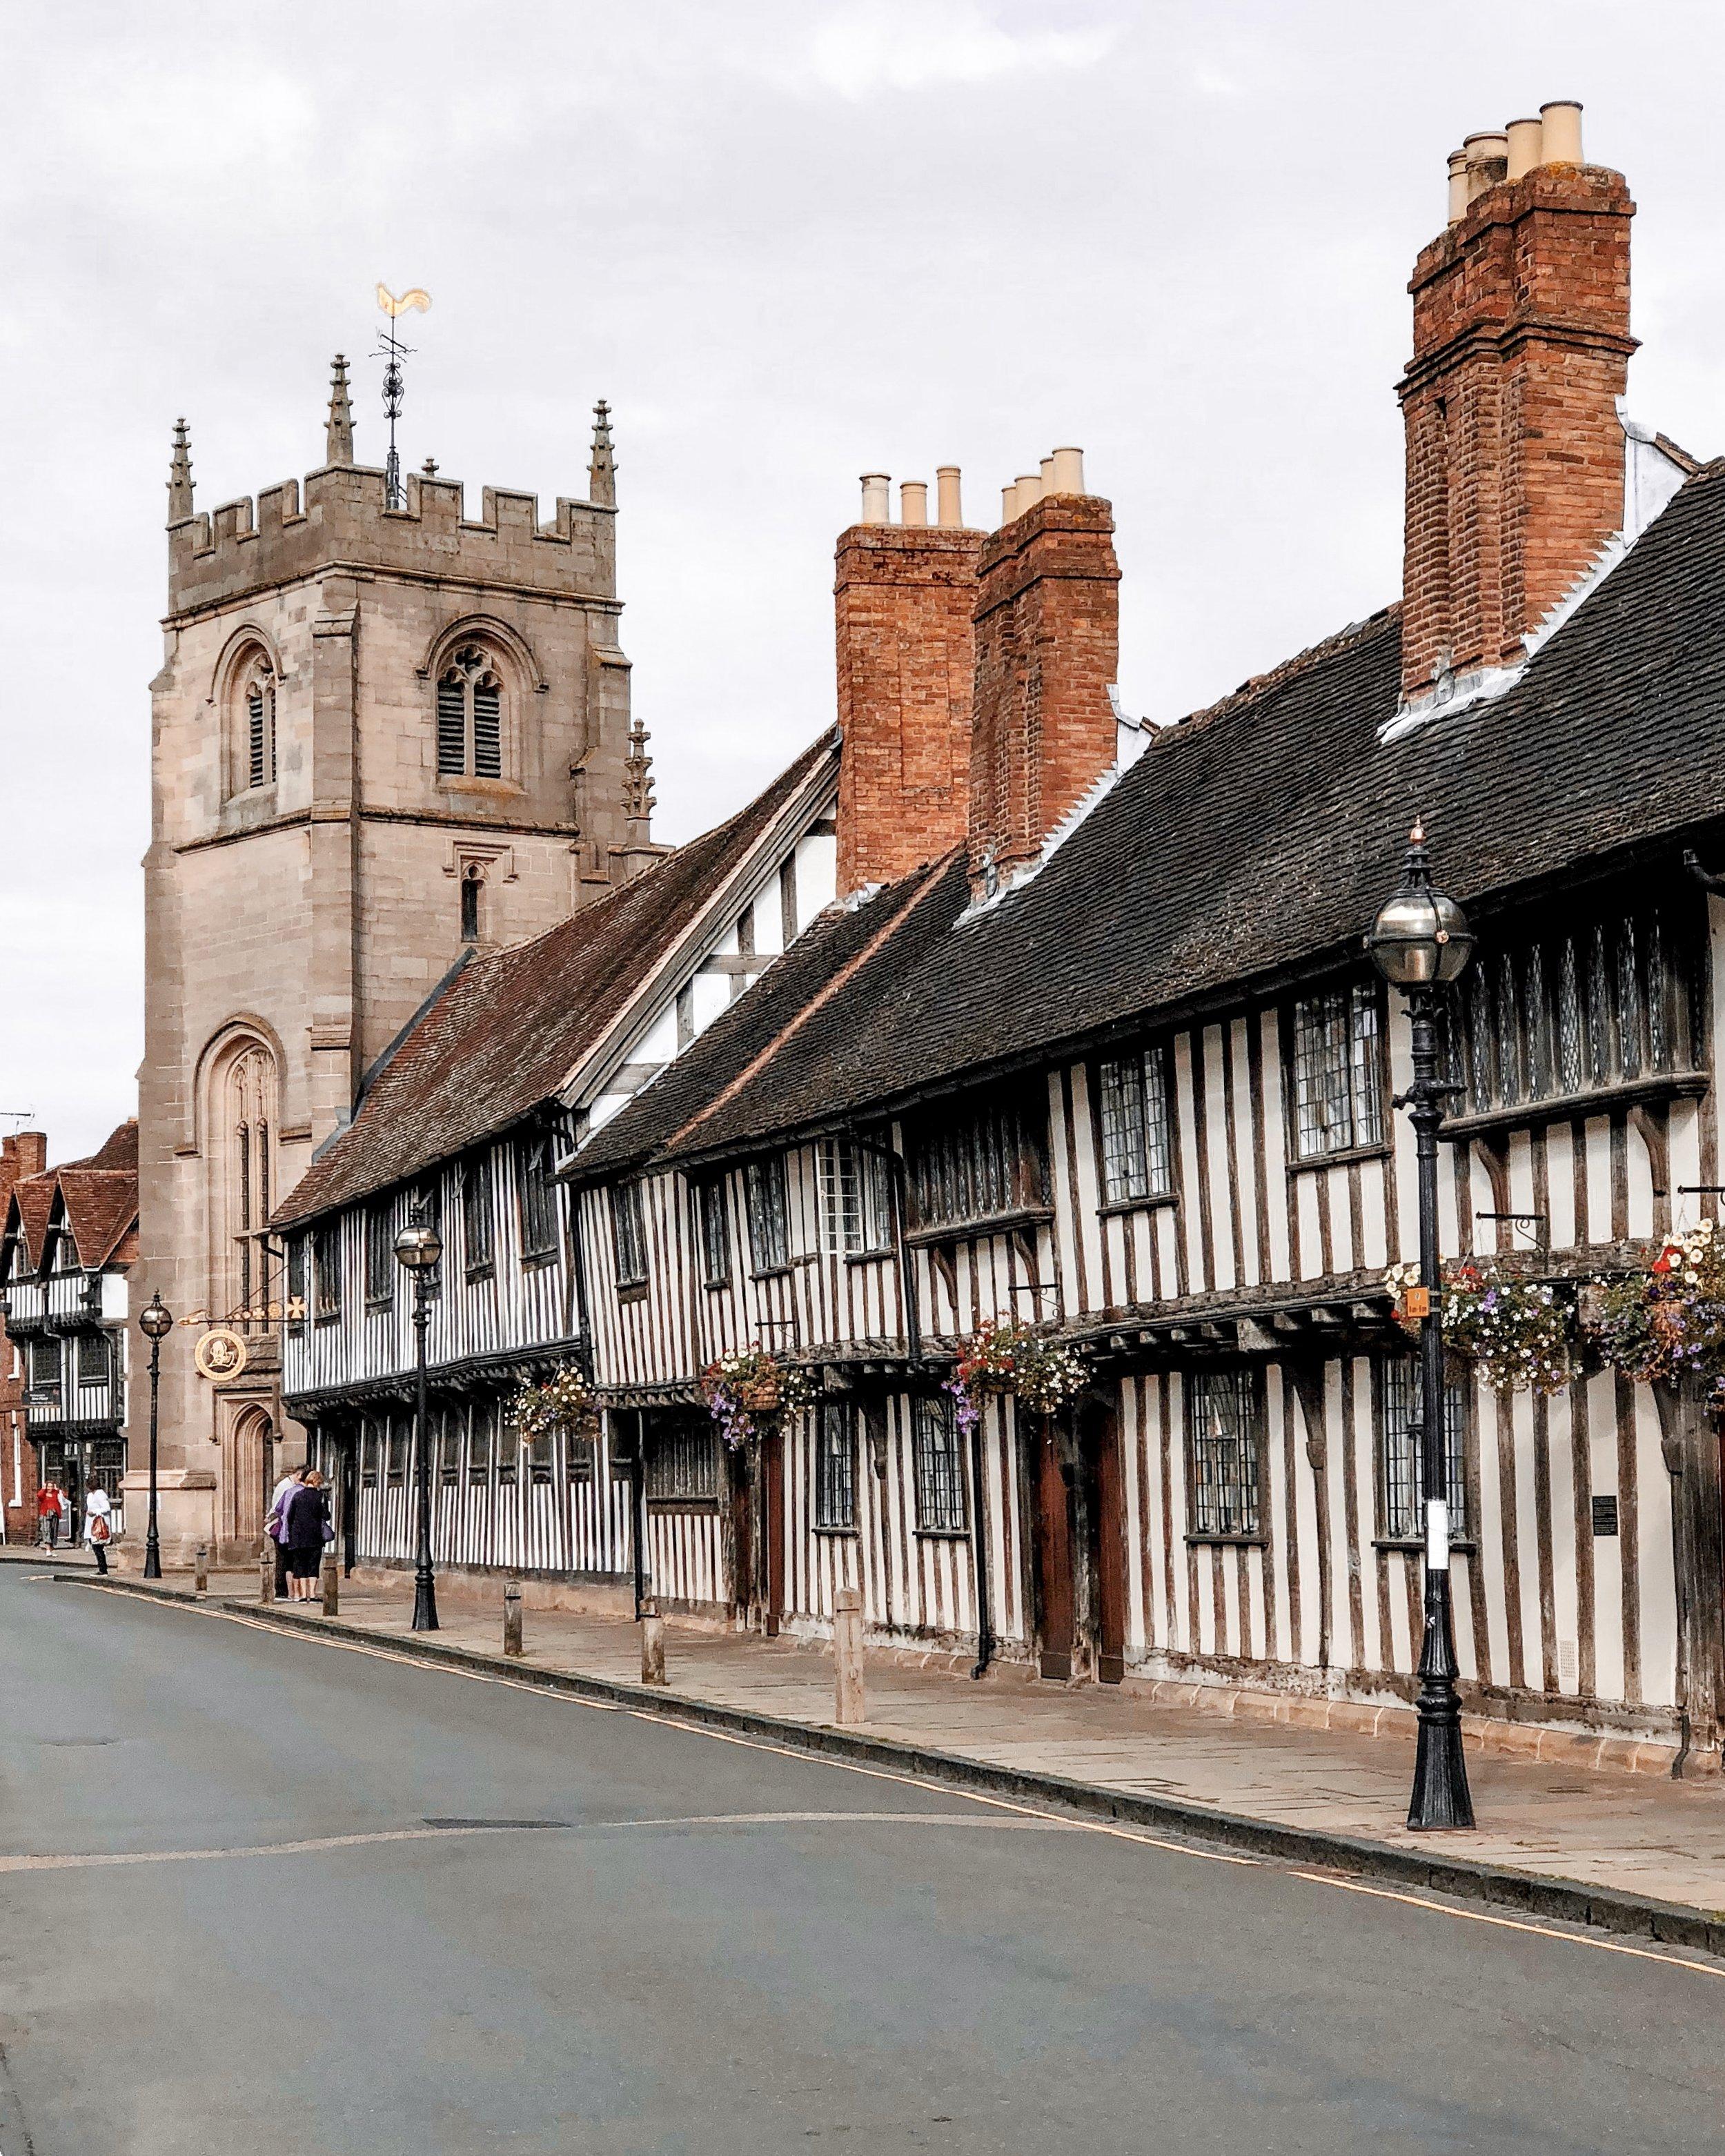 Stratford-upon-Avon, Warwickshire - Ellie Dyduch